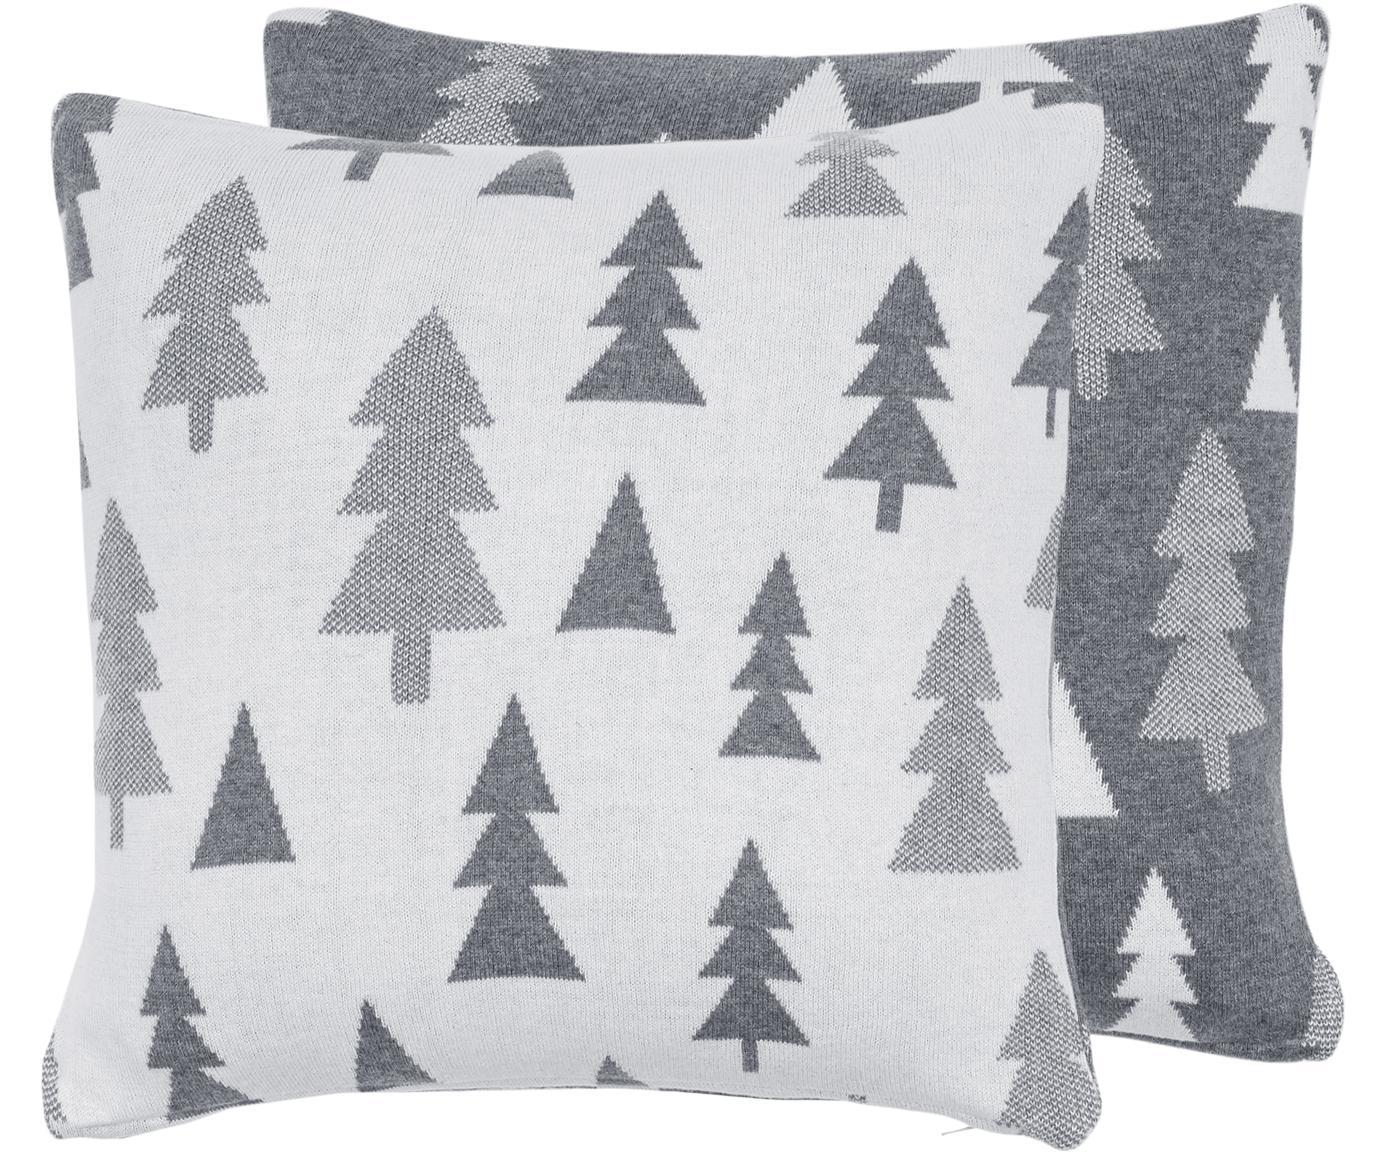 Dwustronna podszewka na poduszkę z dzianiny Joss, 100% bawełna, Szary, kremowobiały, S 40 x D 40 cm